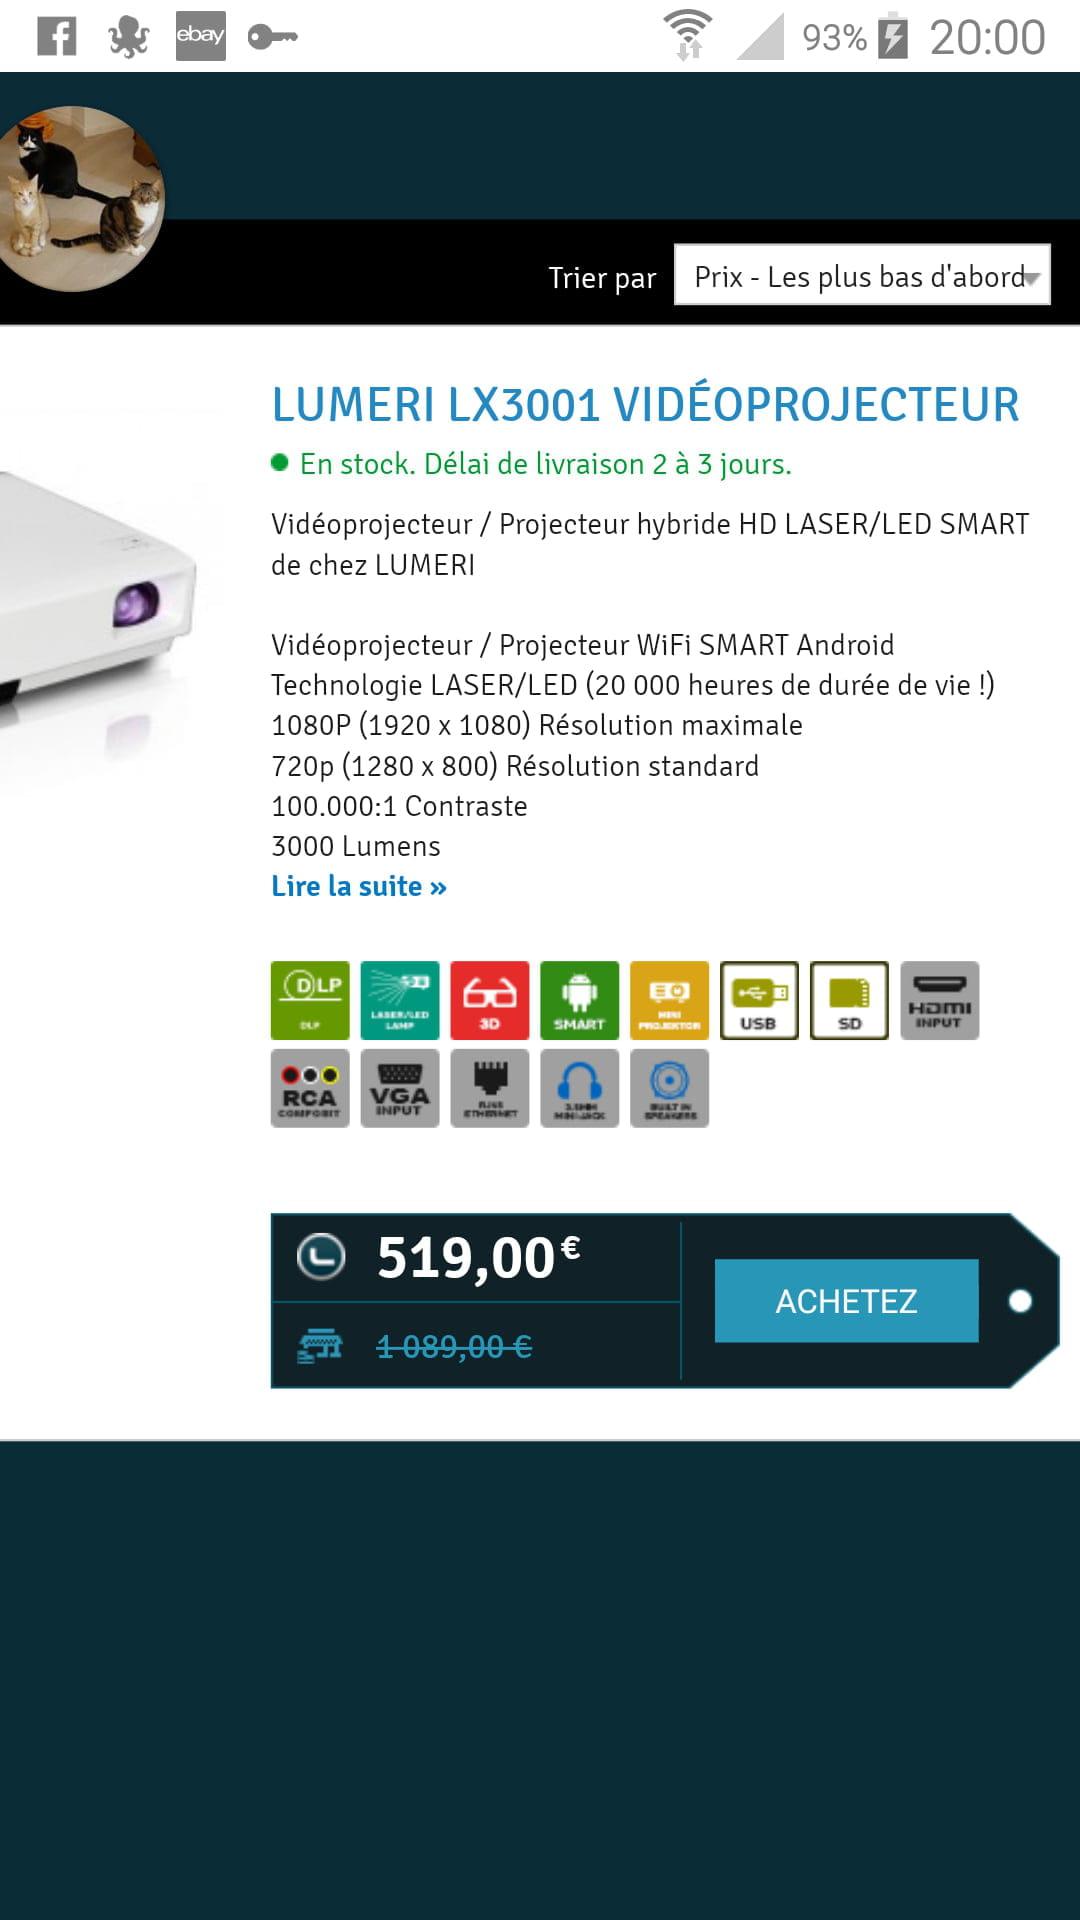 Comment Choisir Un Vidéoprojecteur conseils vidéo-projecteur lumeri lx 3001 - forum vidéo/tv